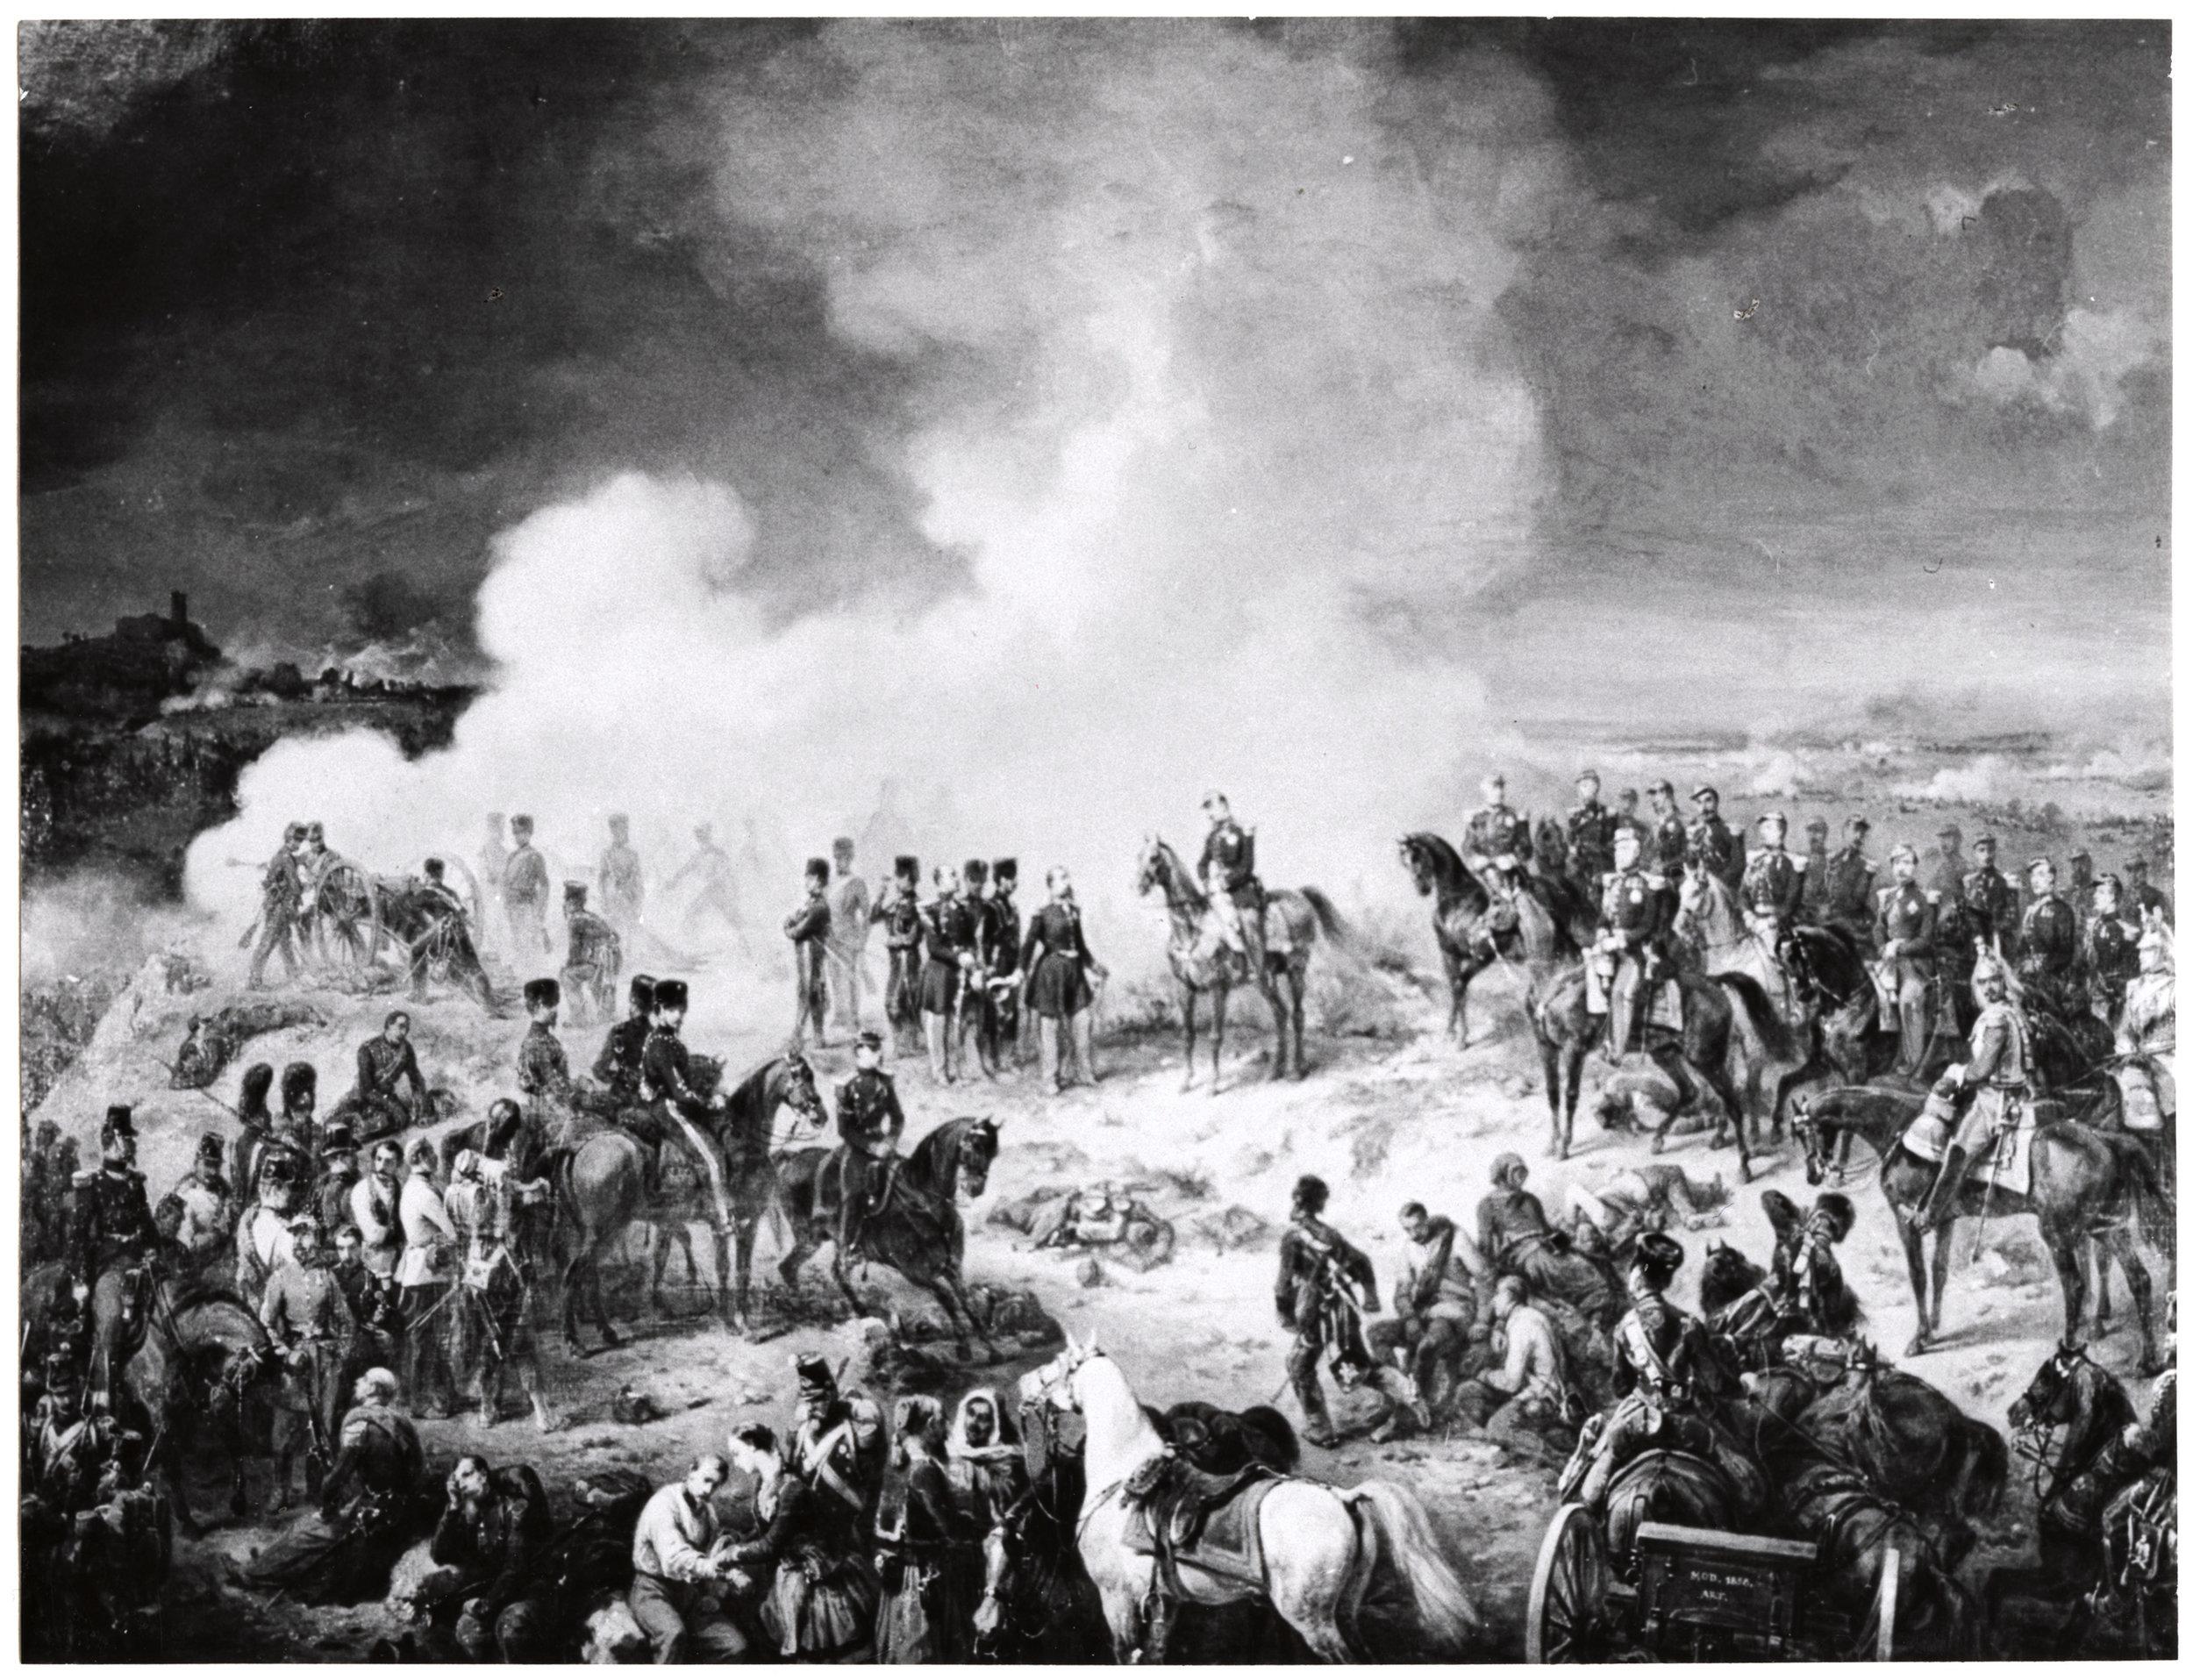 In the heat of battle. Solferino, June 24, 1859.